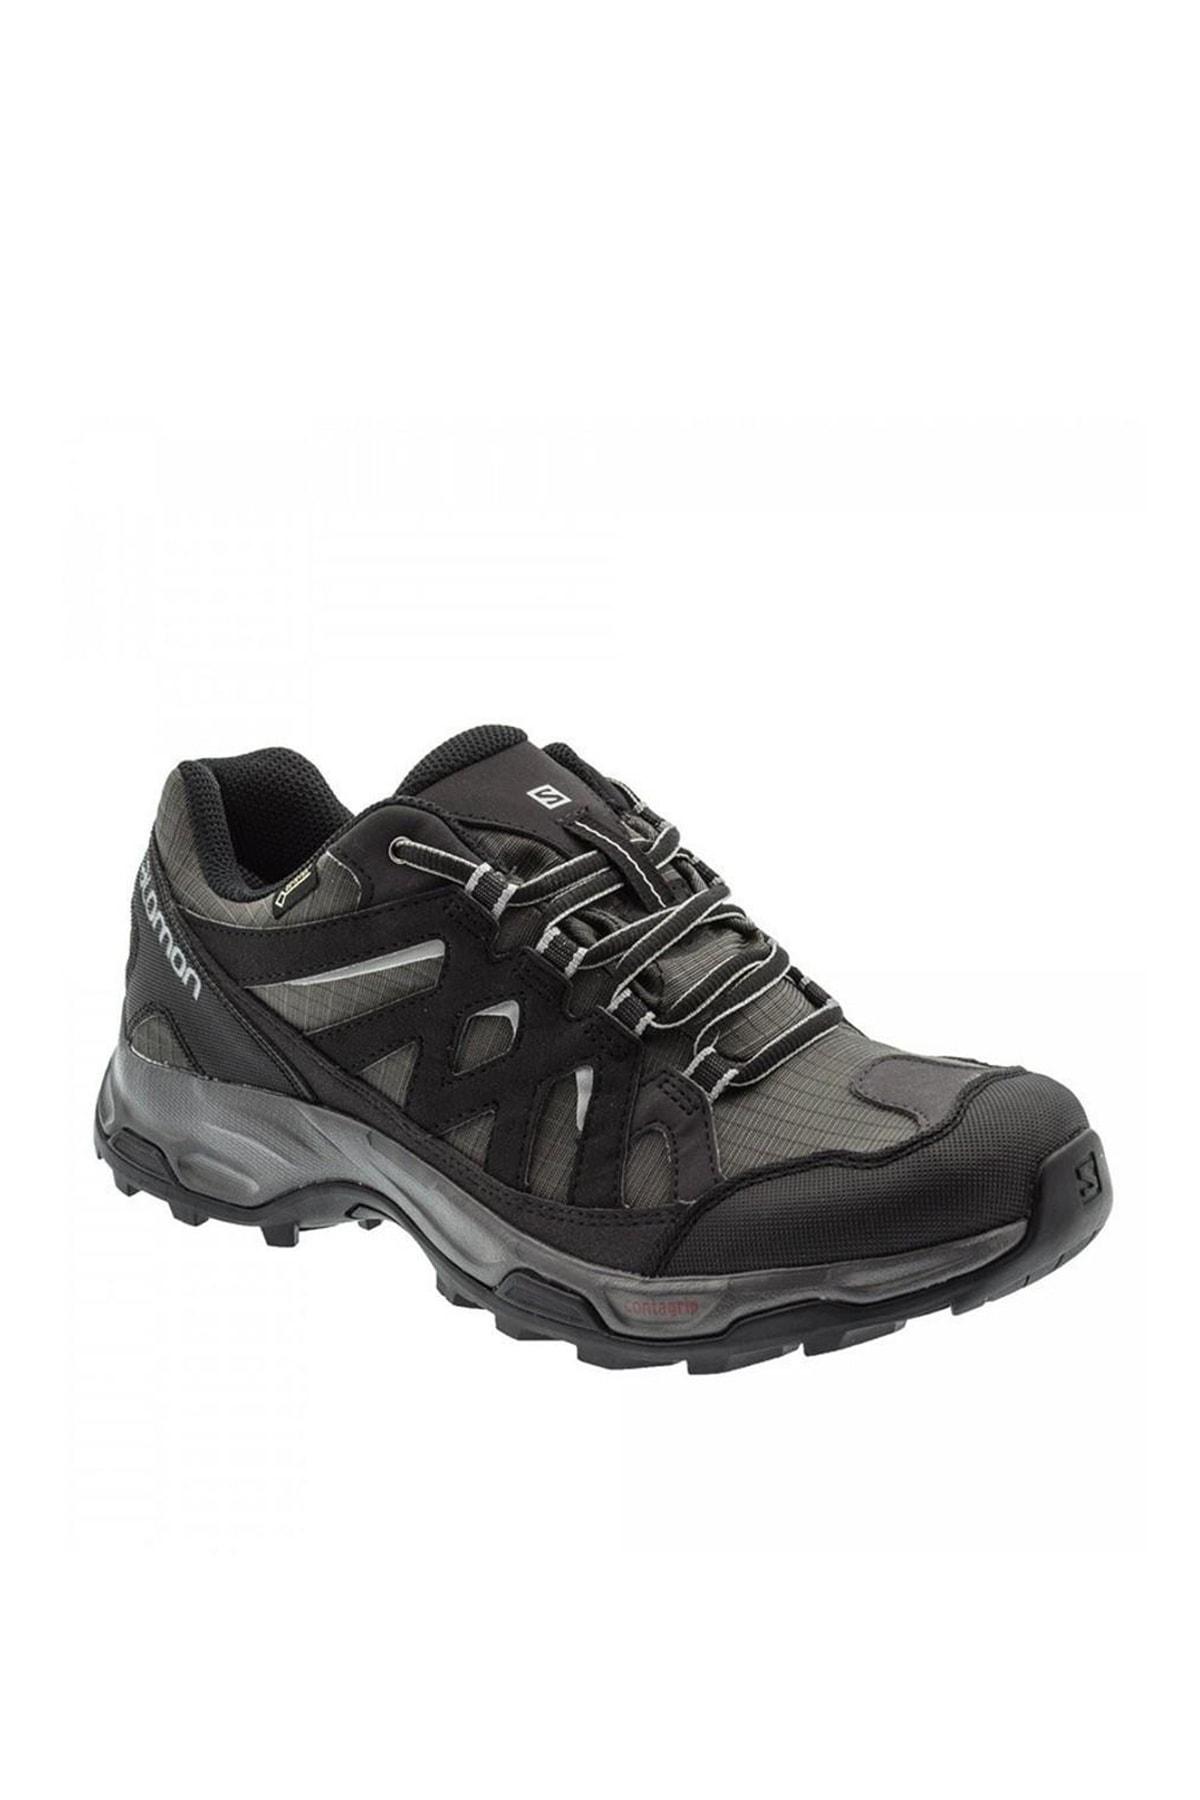 خرید انلاین کفش کوهنوردی مردانه خاص برند Salomon رنگ مشکی کد ty1032160